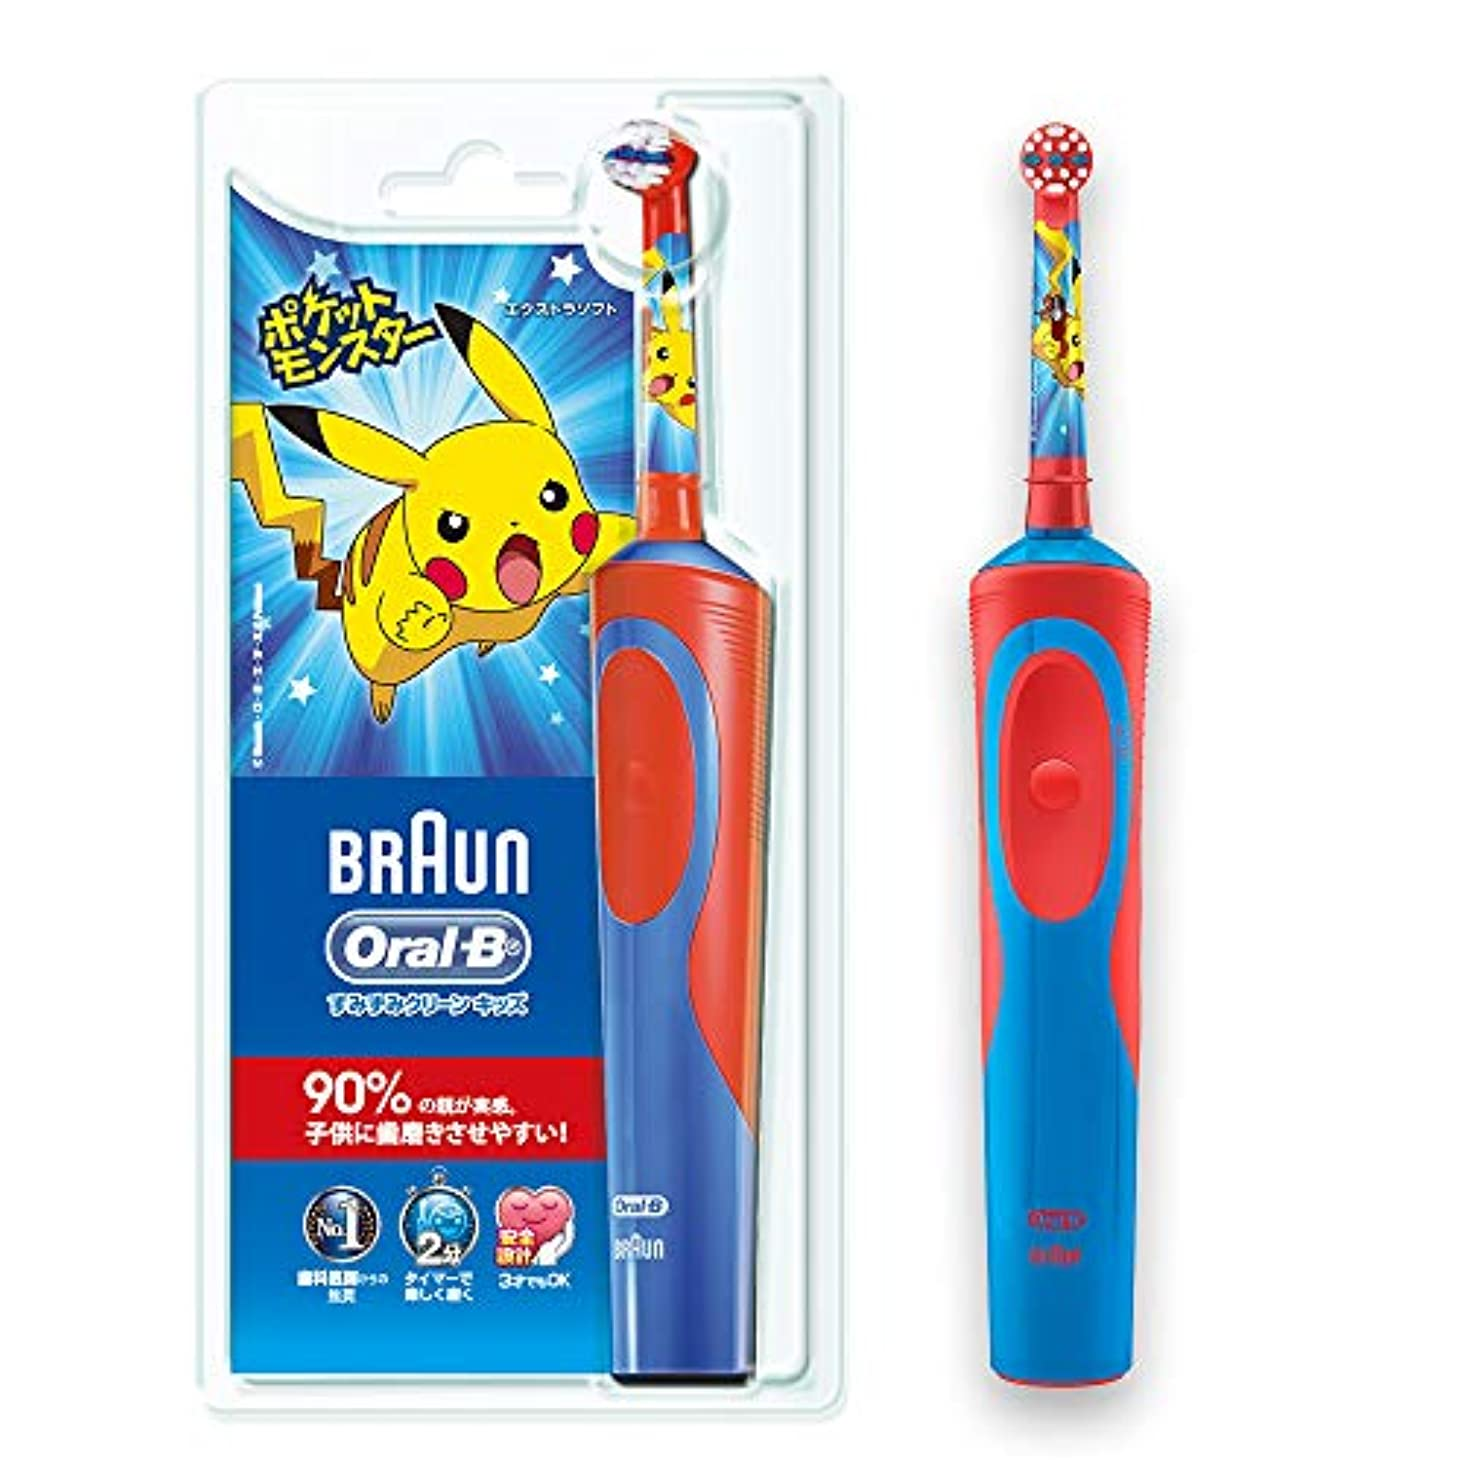 強います揺れる長々とブラウン オーラルB 電動歯ブラシ 子供用 D12513KPKMB すみずみクリーンキッズ 本体 レッド ポケモン 歯ブラシ